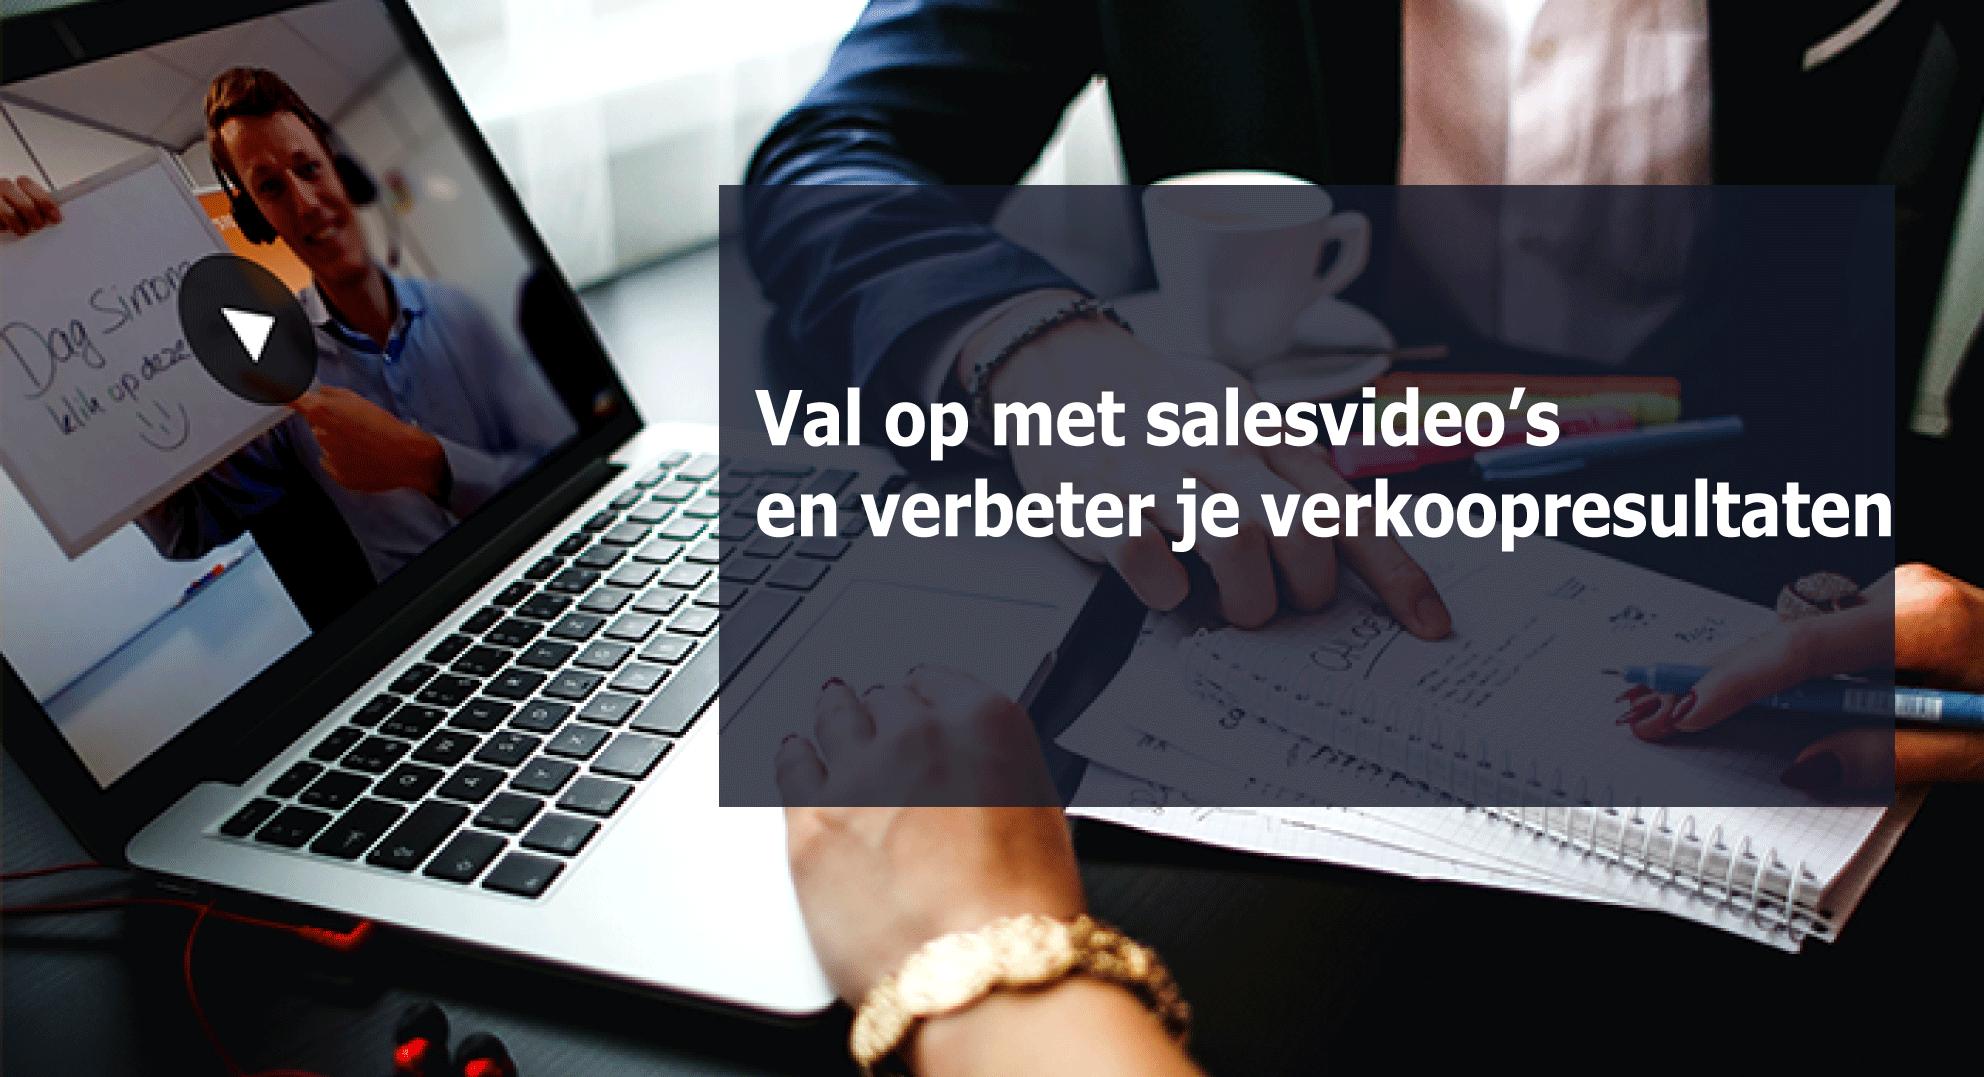 Val op met salesvideo's en verbeter je verkoopresultaten